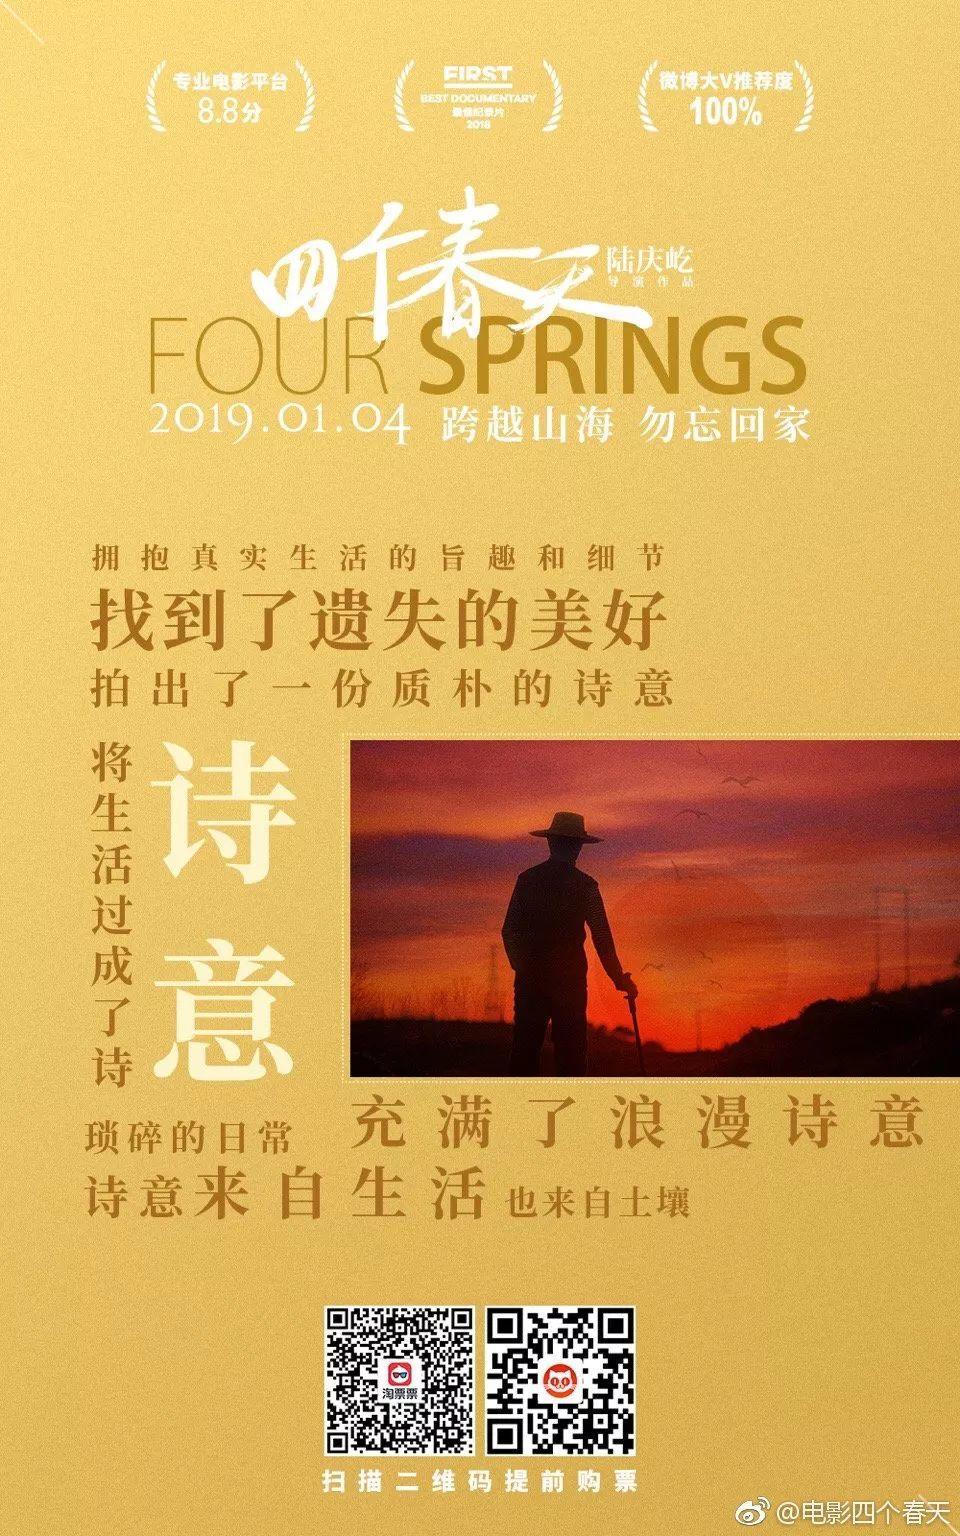 豆瓣8.8分的《四个春天》,文案要给满分!